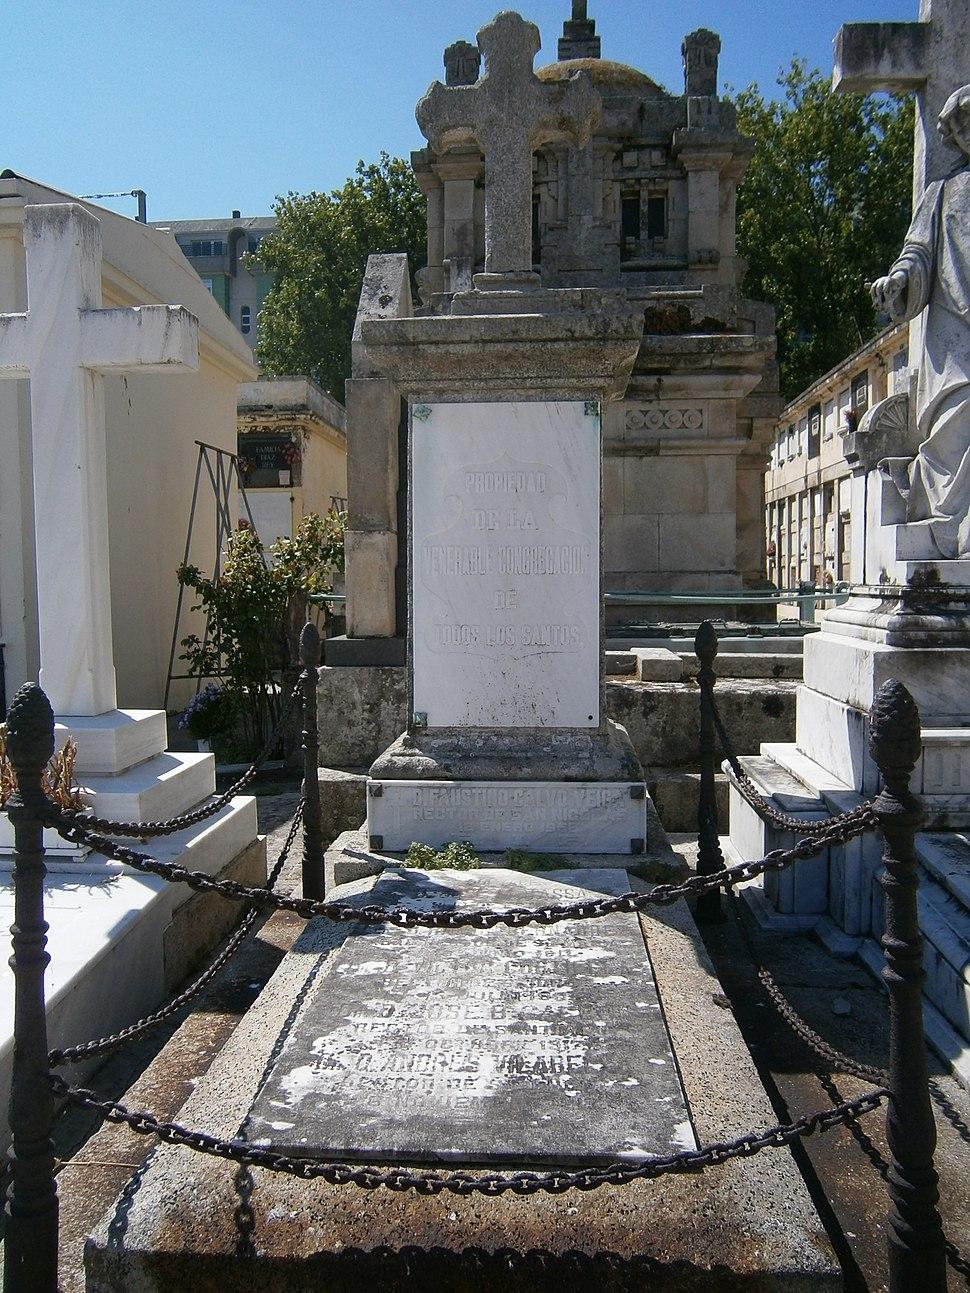 Cemiterio de Santo Amaro - Ramón Bernárdez González